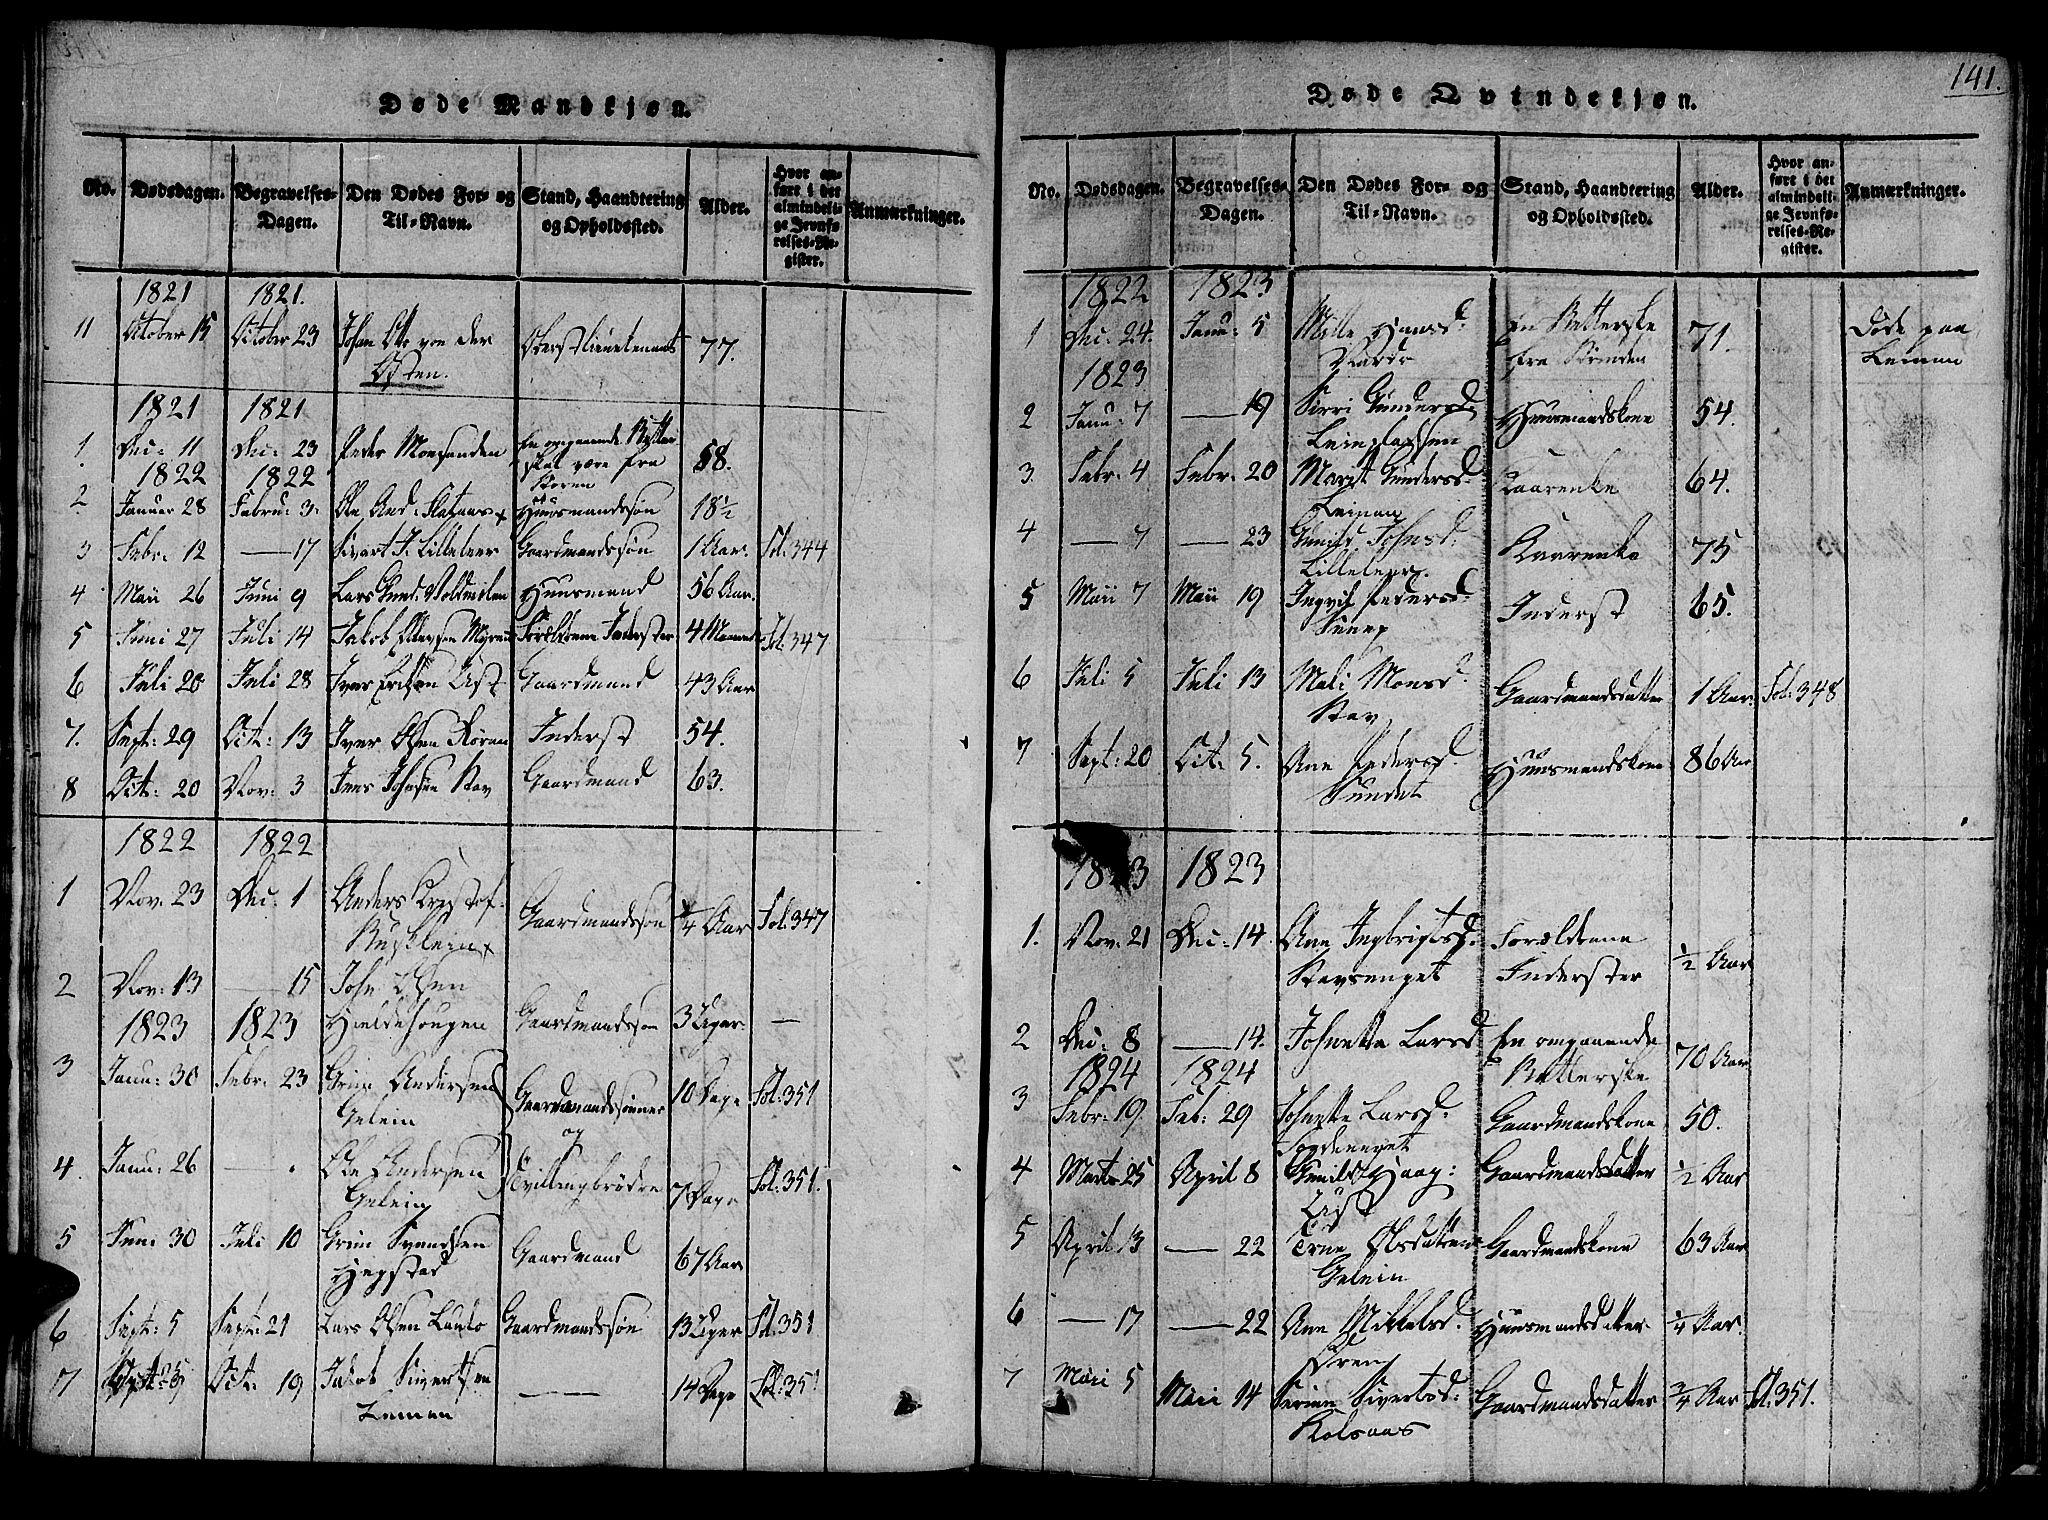 SAT, Ministerialprotokoller, klokkerbøker og fødselsregistre - Sør-Trøndelag, 691/L1067: Ministerialbok nr. 691A03 /3, 1816-1826, s. 141